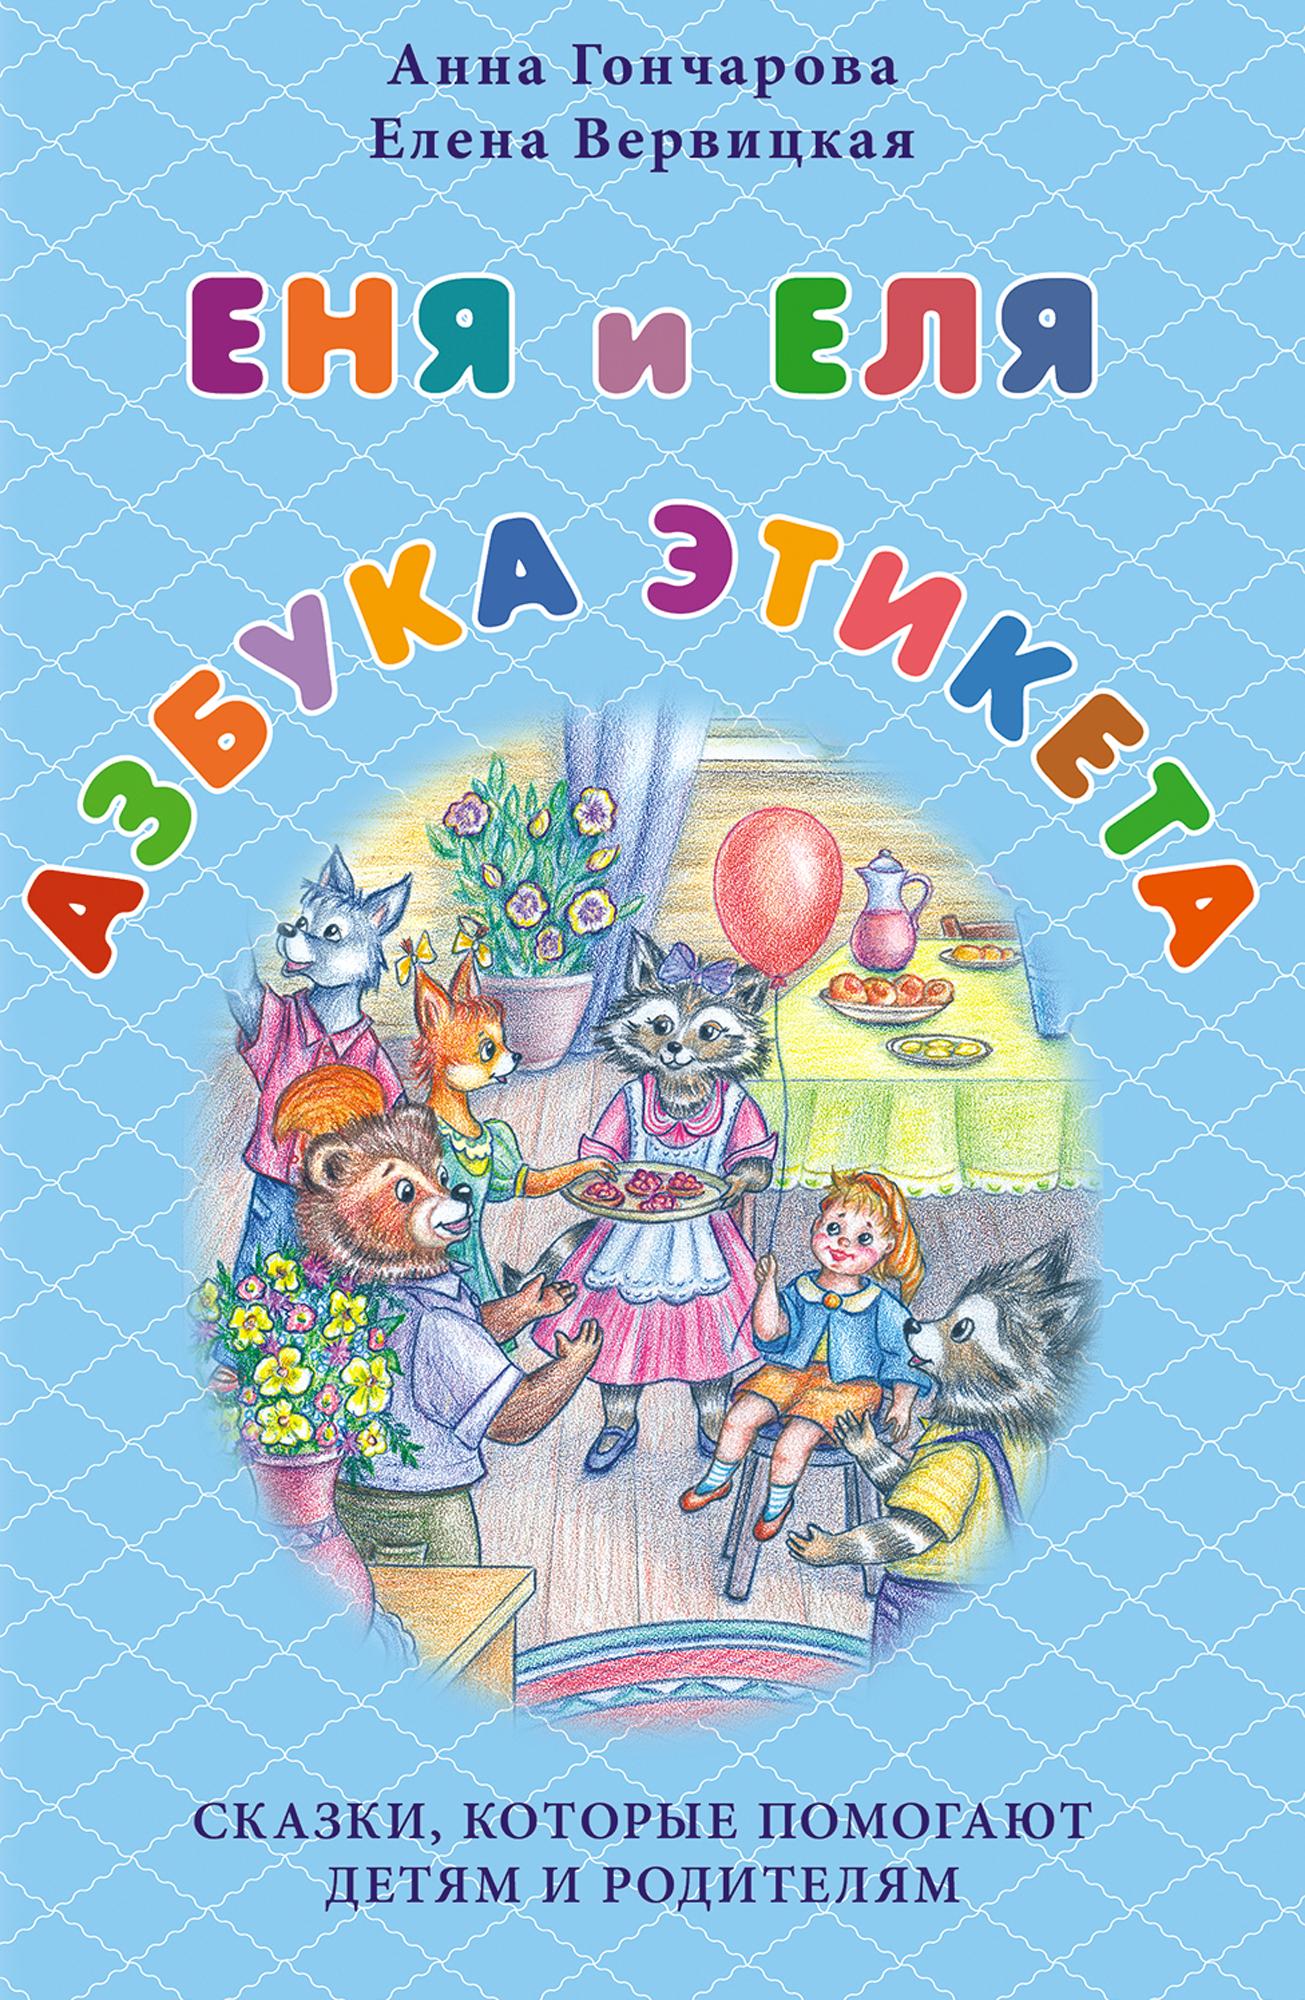 Анна Гончарова Еня и Еля. Азбука этикета